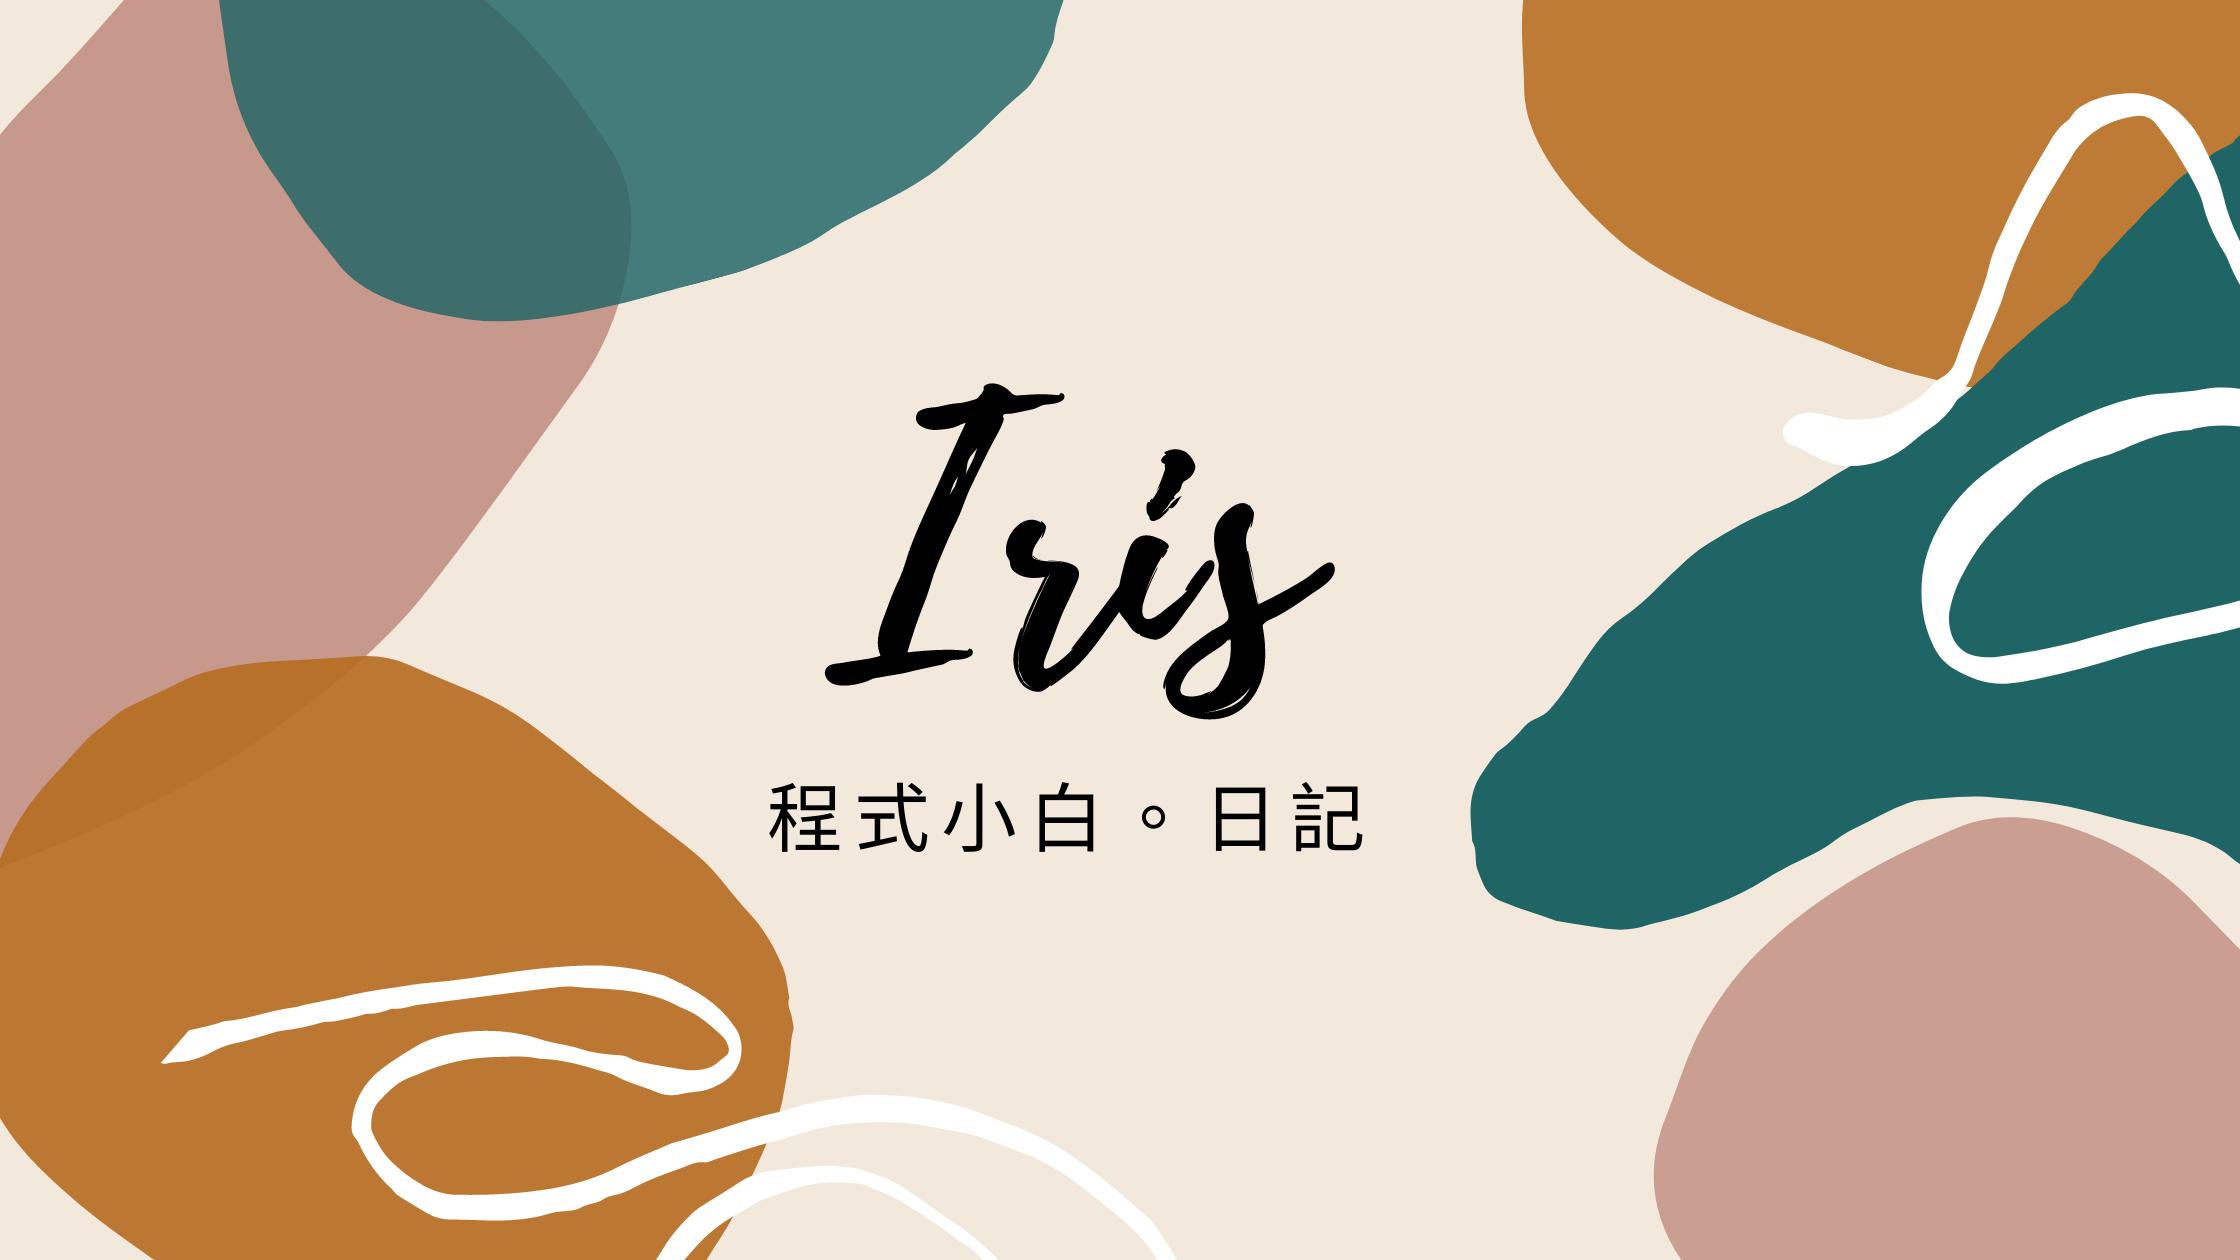 Javascript 學習日記|Iris 程式小白 #5